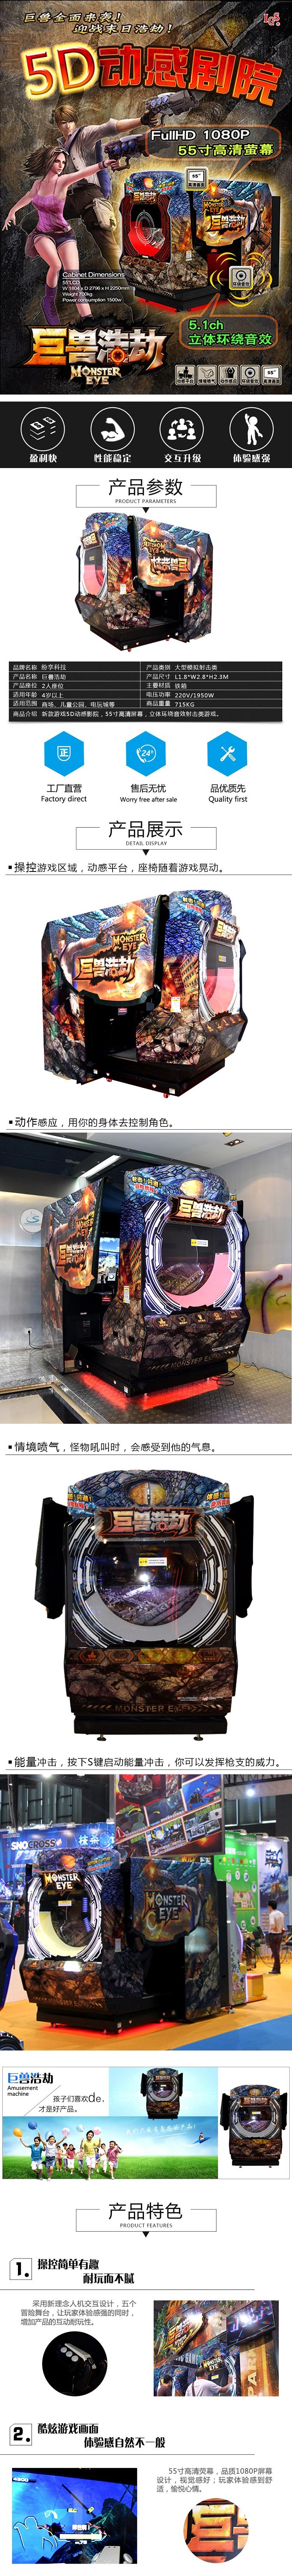 巨兽浩劫模拟游戏机